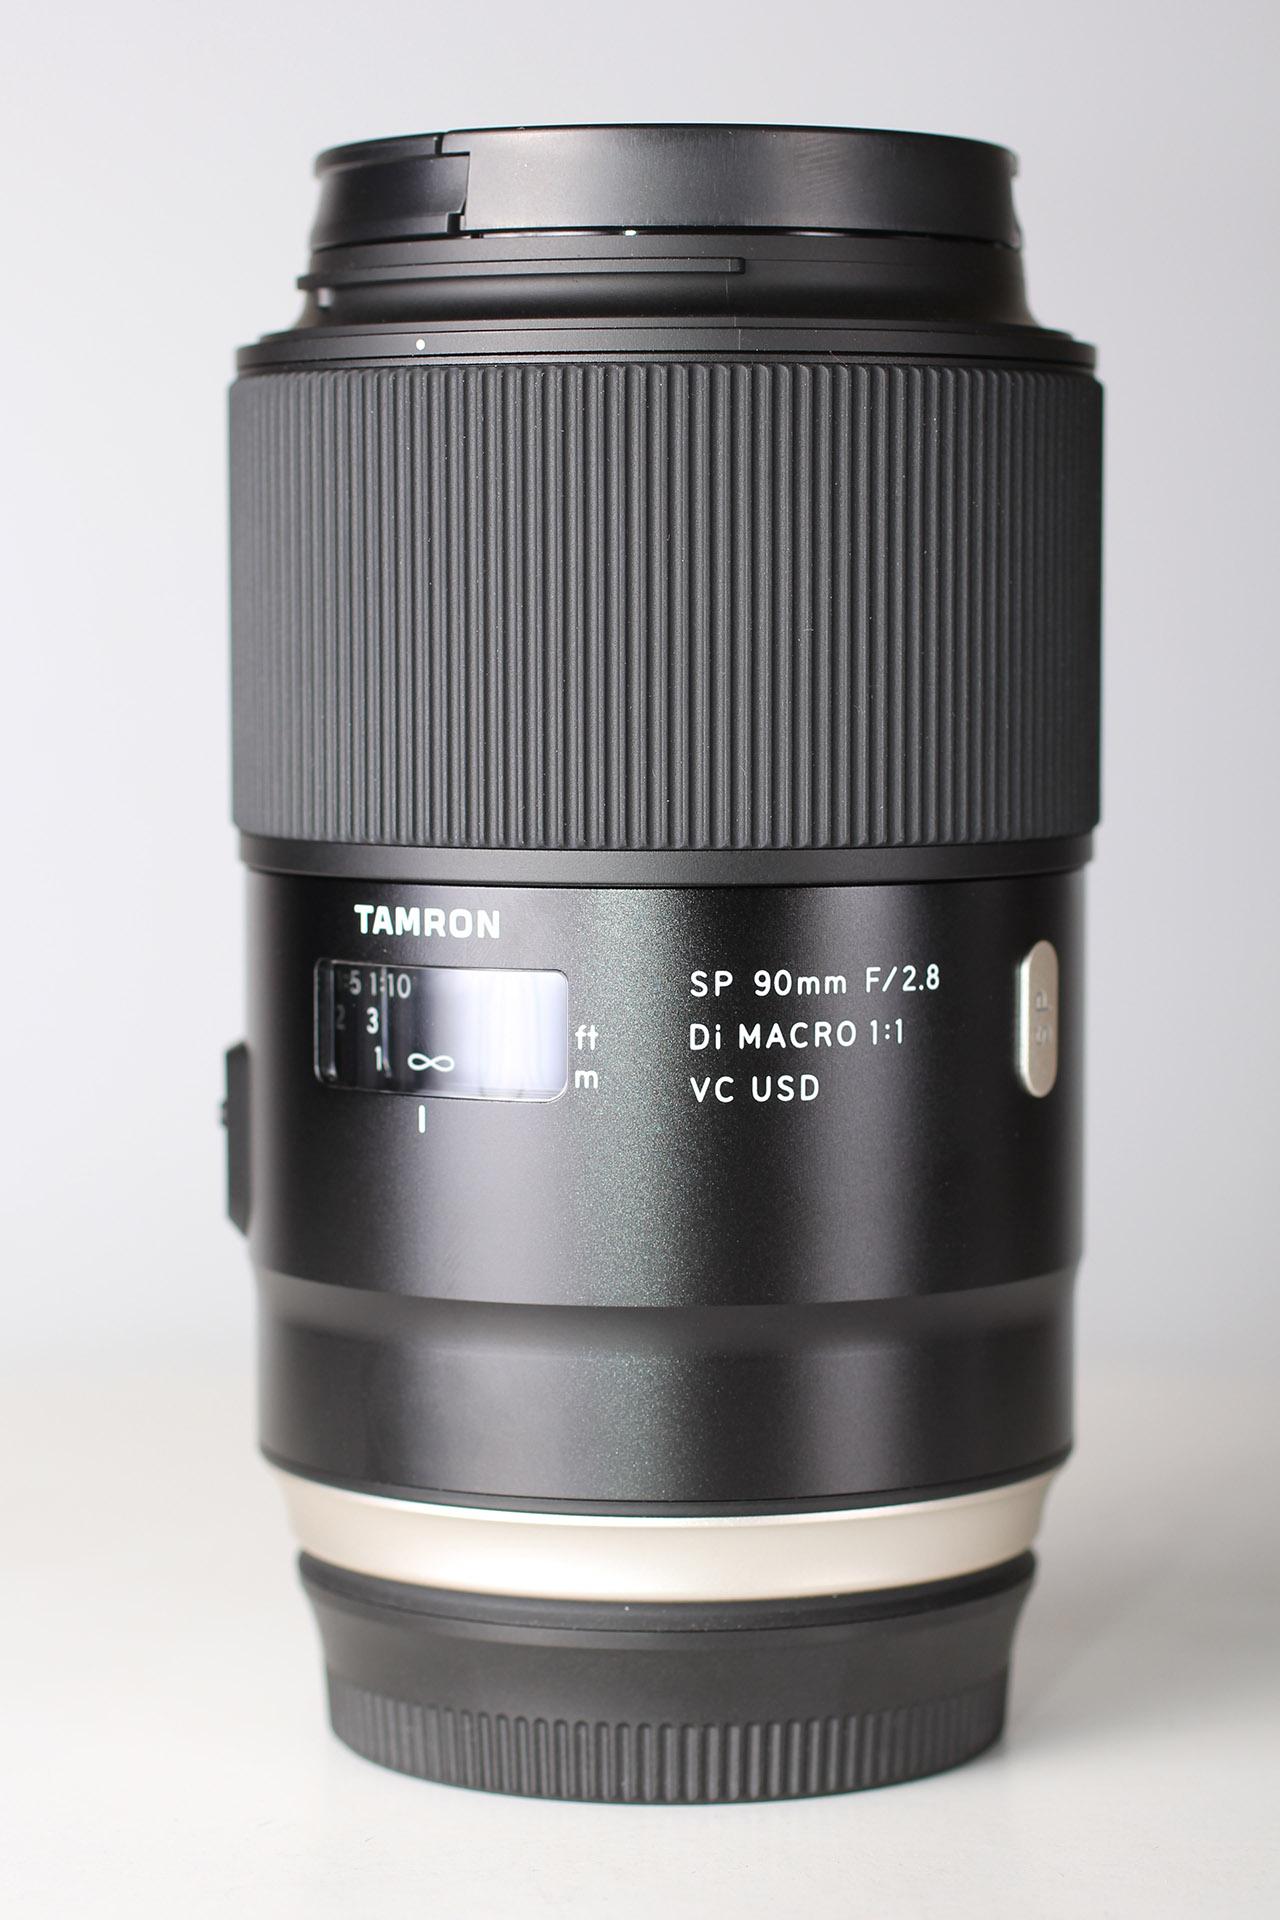 Обзор Tamron SP 90mm f/2.8 Di Macro 1:1 VC USD: идеальный макрообъектив